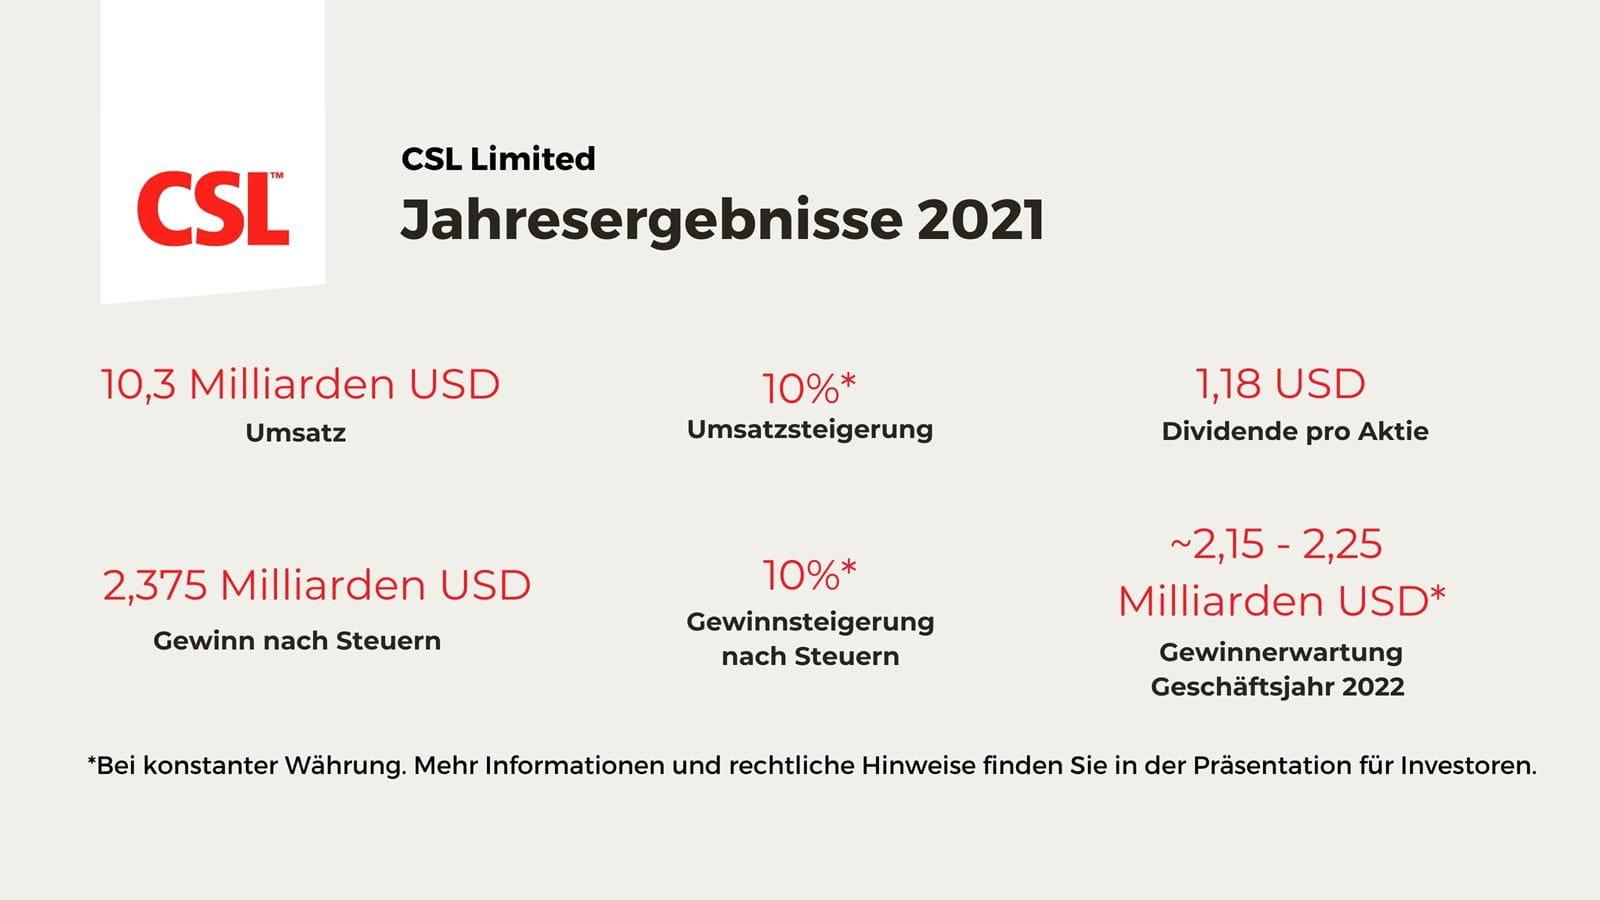 Grafik der CSL Jahresergebnisse 2021